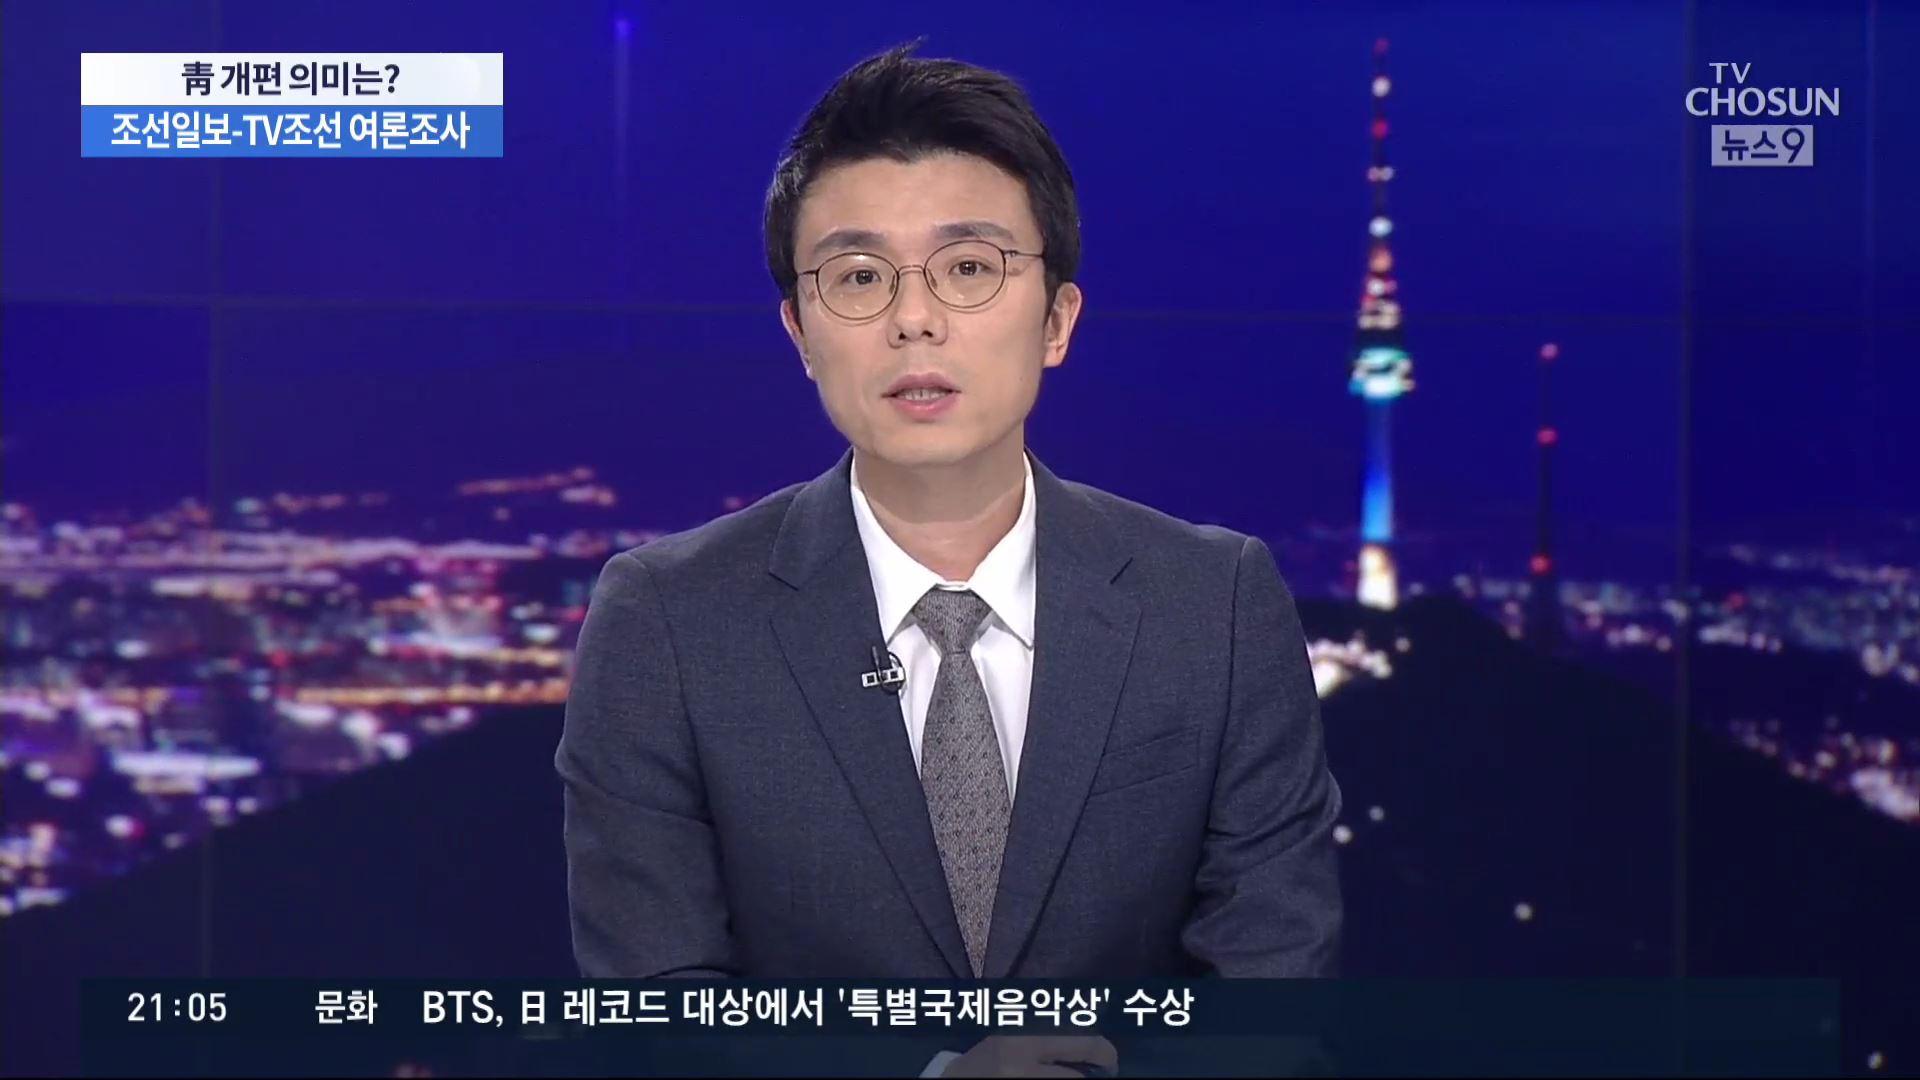 靑참모진 개편 의미는…신년여론조사 '정권교체해야 49.9%'